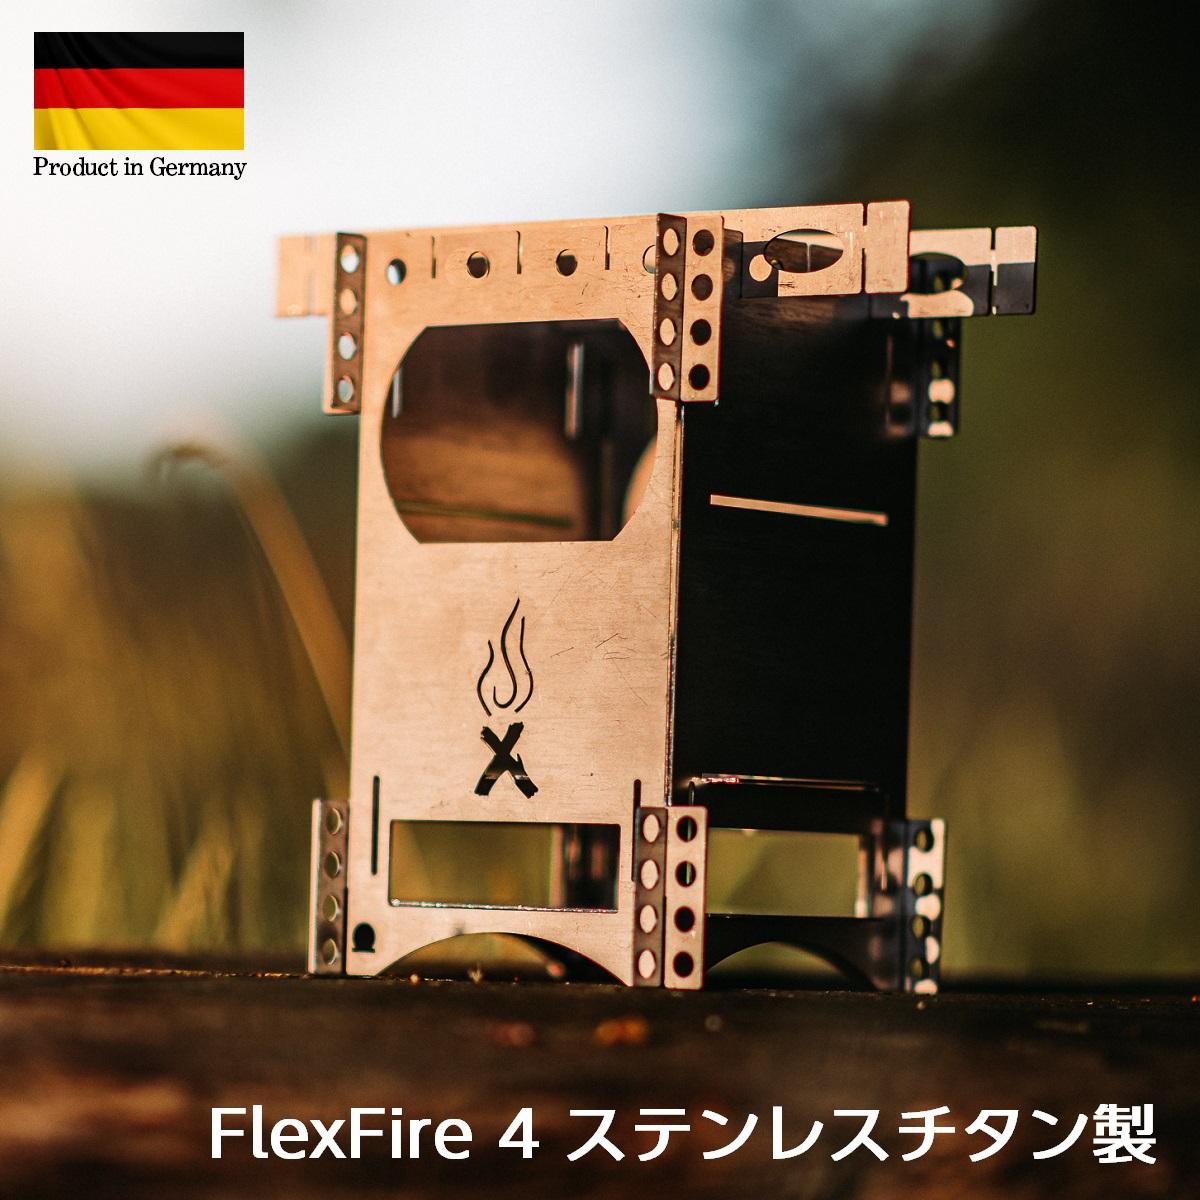 あな他のソロを上質にする FlexFire4 ドイツ製 コンパクト 携帯 焚き火台 安心の定価販売 コンロ 薪 炭 アルコール 永遠の定番 父の日 バーベキュー グリル プレゼント 固形燃料 ソロキャンプ ガス ストーブ エアフロー 五徳